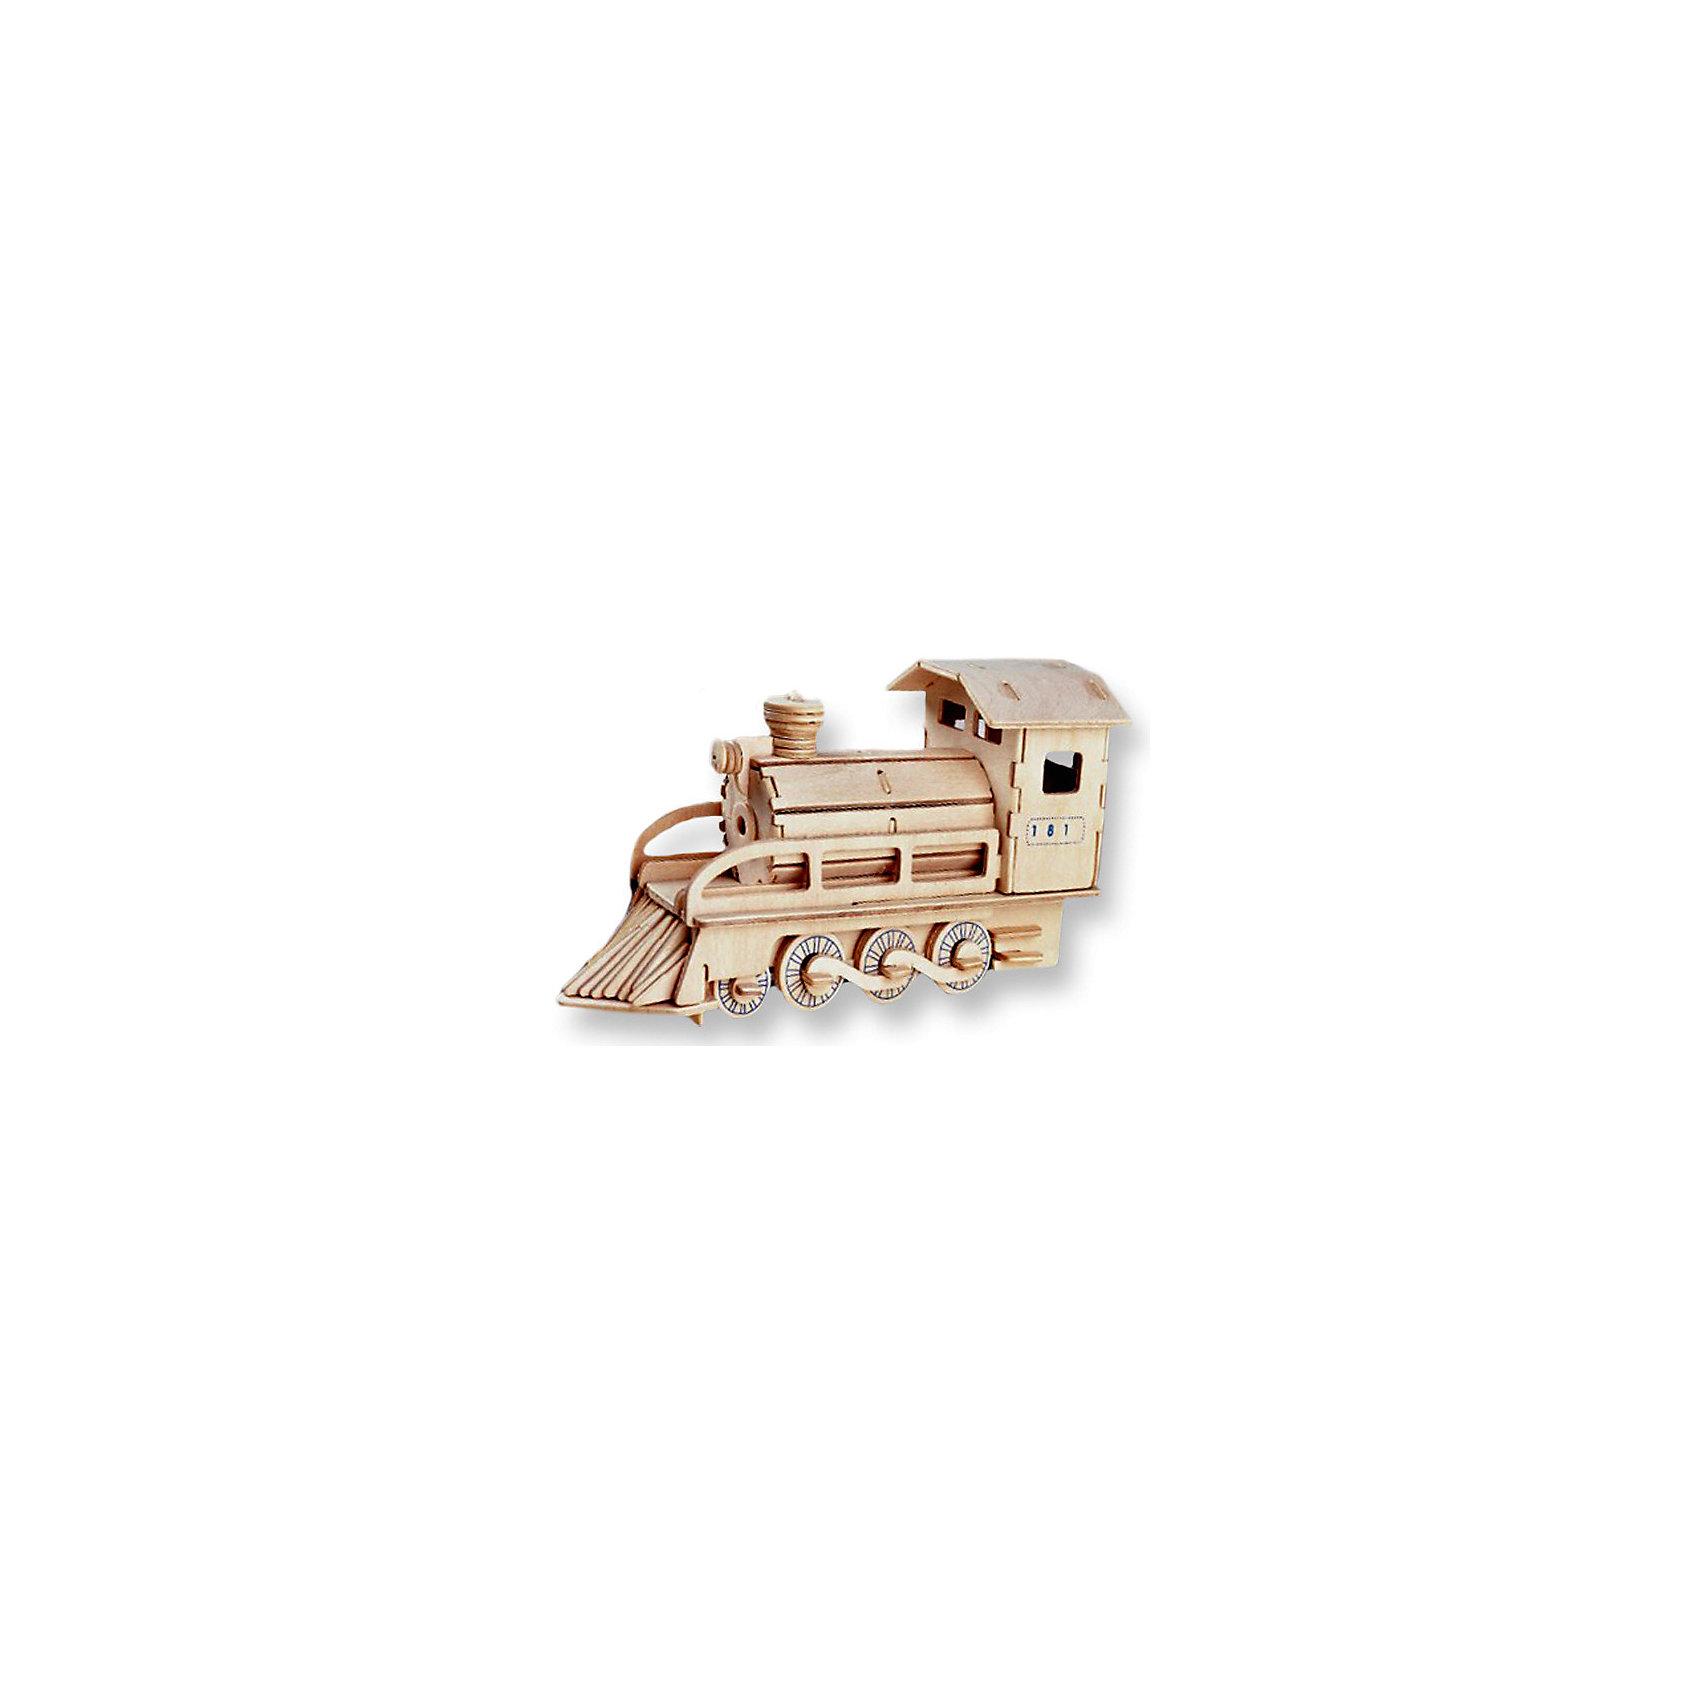 Локомотив, Мир деревянных игрушекПорадовать любящего технику творческого ребенка - легко! Подарите ему этот набор, из которого можно самому сделать красивую деревянную фигуру. Для этого нужно выдавить из пластины с деталями элементы для сборки и соединить их. Из наборов получаются красивые очень реалистичные игрушки, которые могут стать украшением комнаты.<br>Собирая их, ребенок будет развивать пространственное мышление, память и мелкую моторику. А раскрашивая готовое произведение, дети научатся подбирать цвета и будут развивать художественные навыки. Этот набор произведен из качественных и безопасных для детей материалов - дерево тщательно обработано.<br><br>Дополнительная информация:<br><br>материал: дерево;<br>цвет: бежевый;<br>элементы: пластины с деталями для сборки, схема сборки;<br>размер упаковки: 23 х 18 см.<br><br>3D-пазл Локомотив от бренда Мир деревянных игрушек можно купить в нашем магазине.<br><br>Ширина мм: 350<br>Глубина мм: 50<br>Высота мм: 225<br>Вес г: 450<br>Возраст от месяцев: 36<br>Возраст до месяцев: 144<br>Пол: Унисекс<br>Возраст: Детский<br>SKU: 4969091